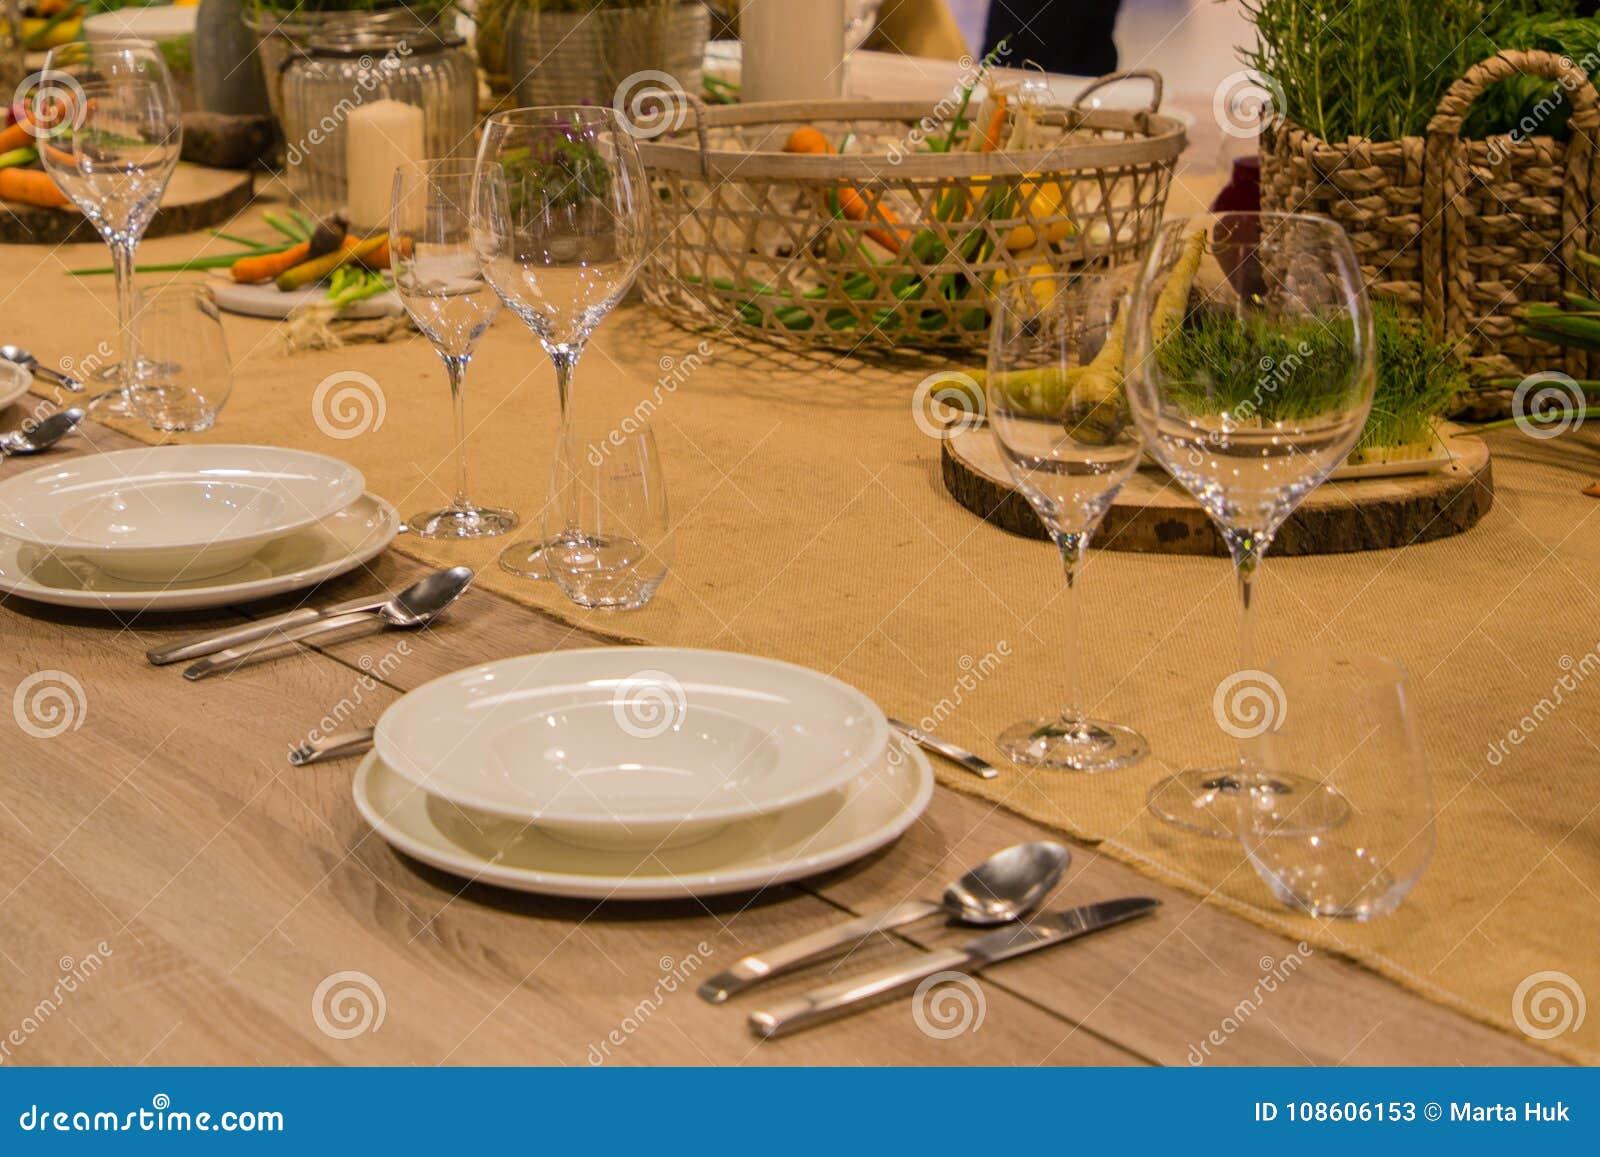 Πίνακας στο εστιατόριο που εξυπηρετείται για διάφορα πρόσωπα με τα γυαλιά και τα πιάτα